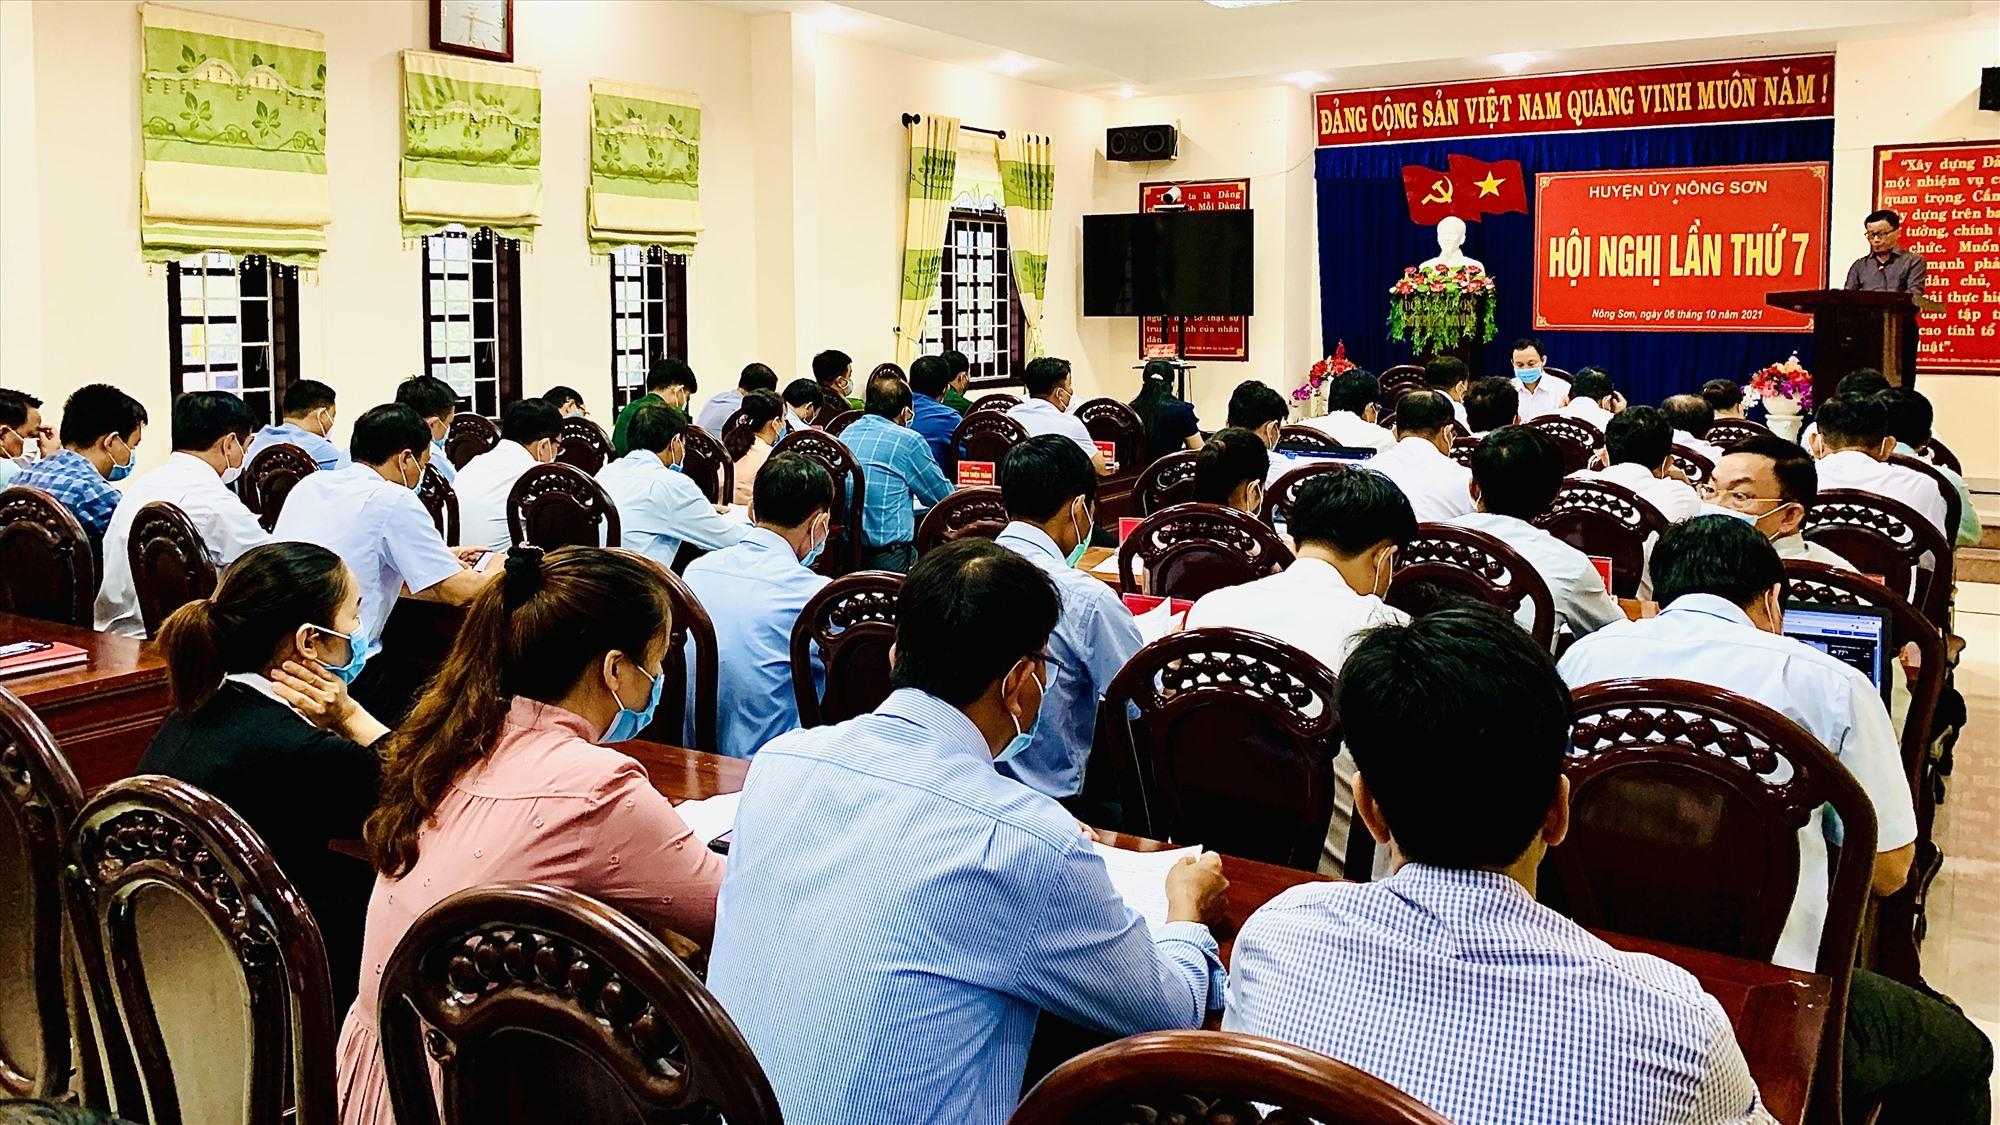 Quang cảnh hội nghị BCH Đảng bộ huyện Nông Sơn lần thứ 7 (nhiệm kỳ 2020-2025). ảnh MINH THÔNG